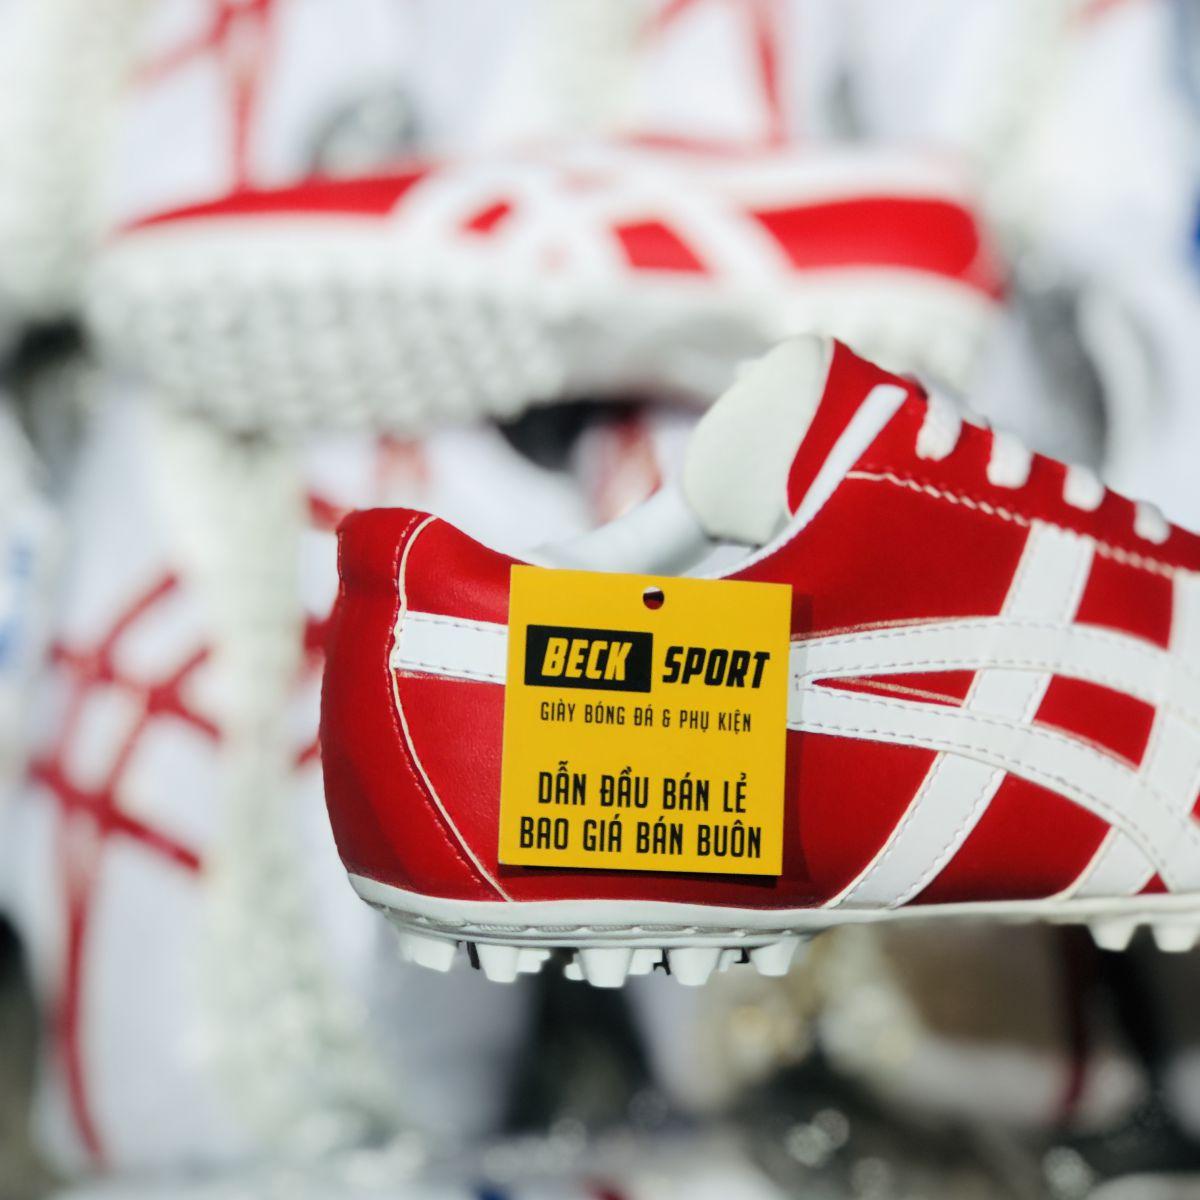 Giày Phủi Onisuka Tiger Loại 1 - Beck Đỏ Sọc Trắng